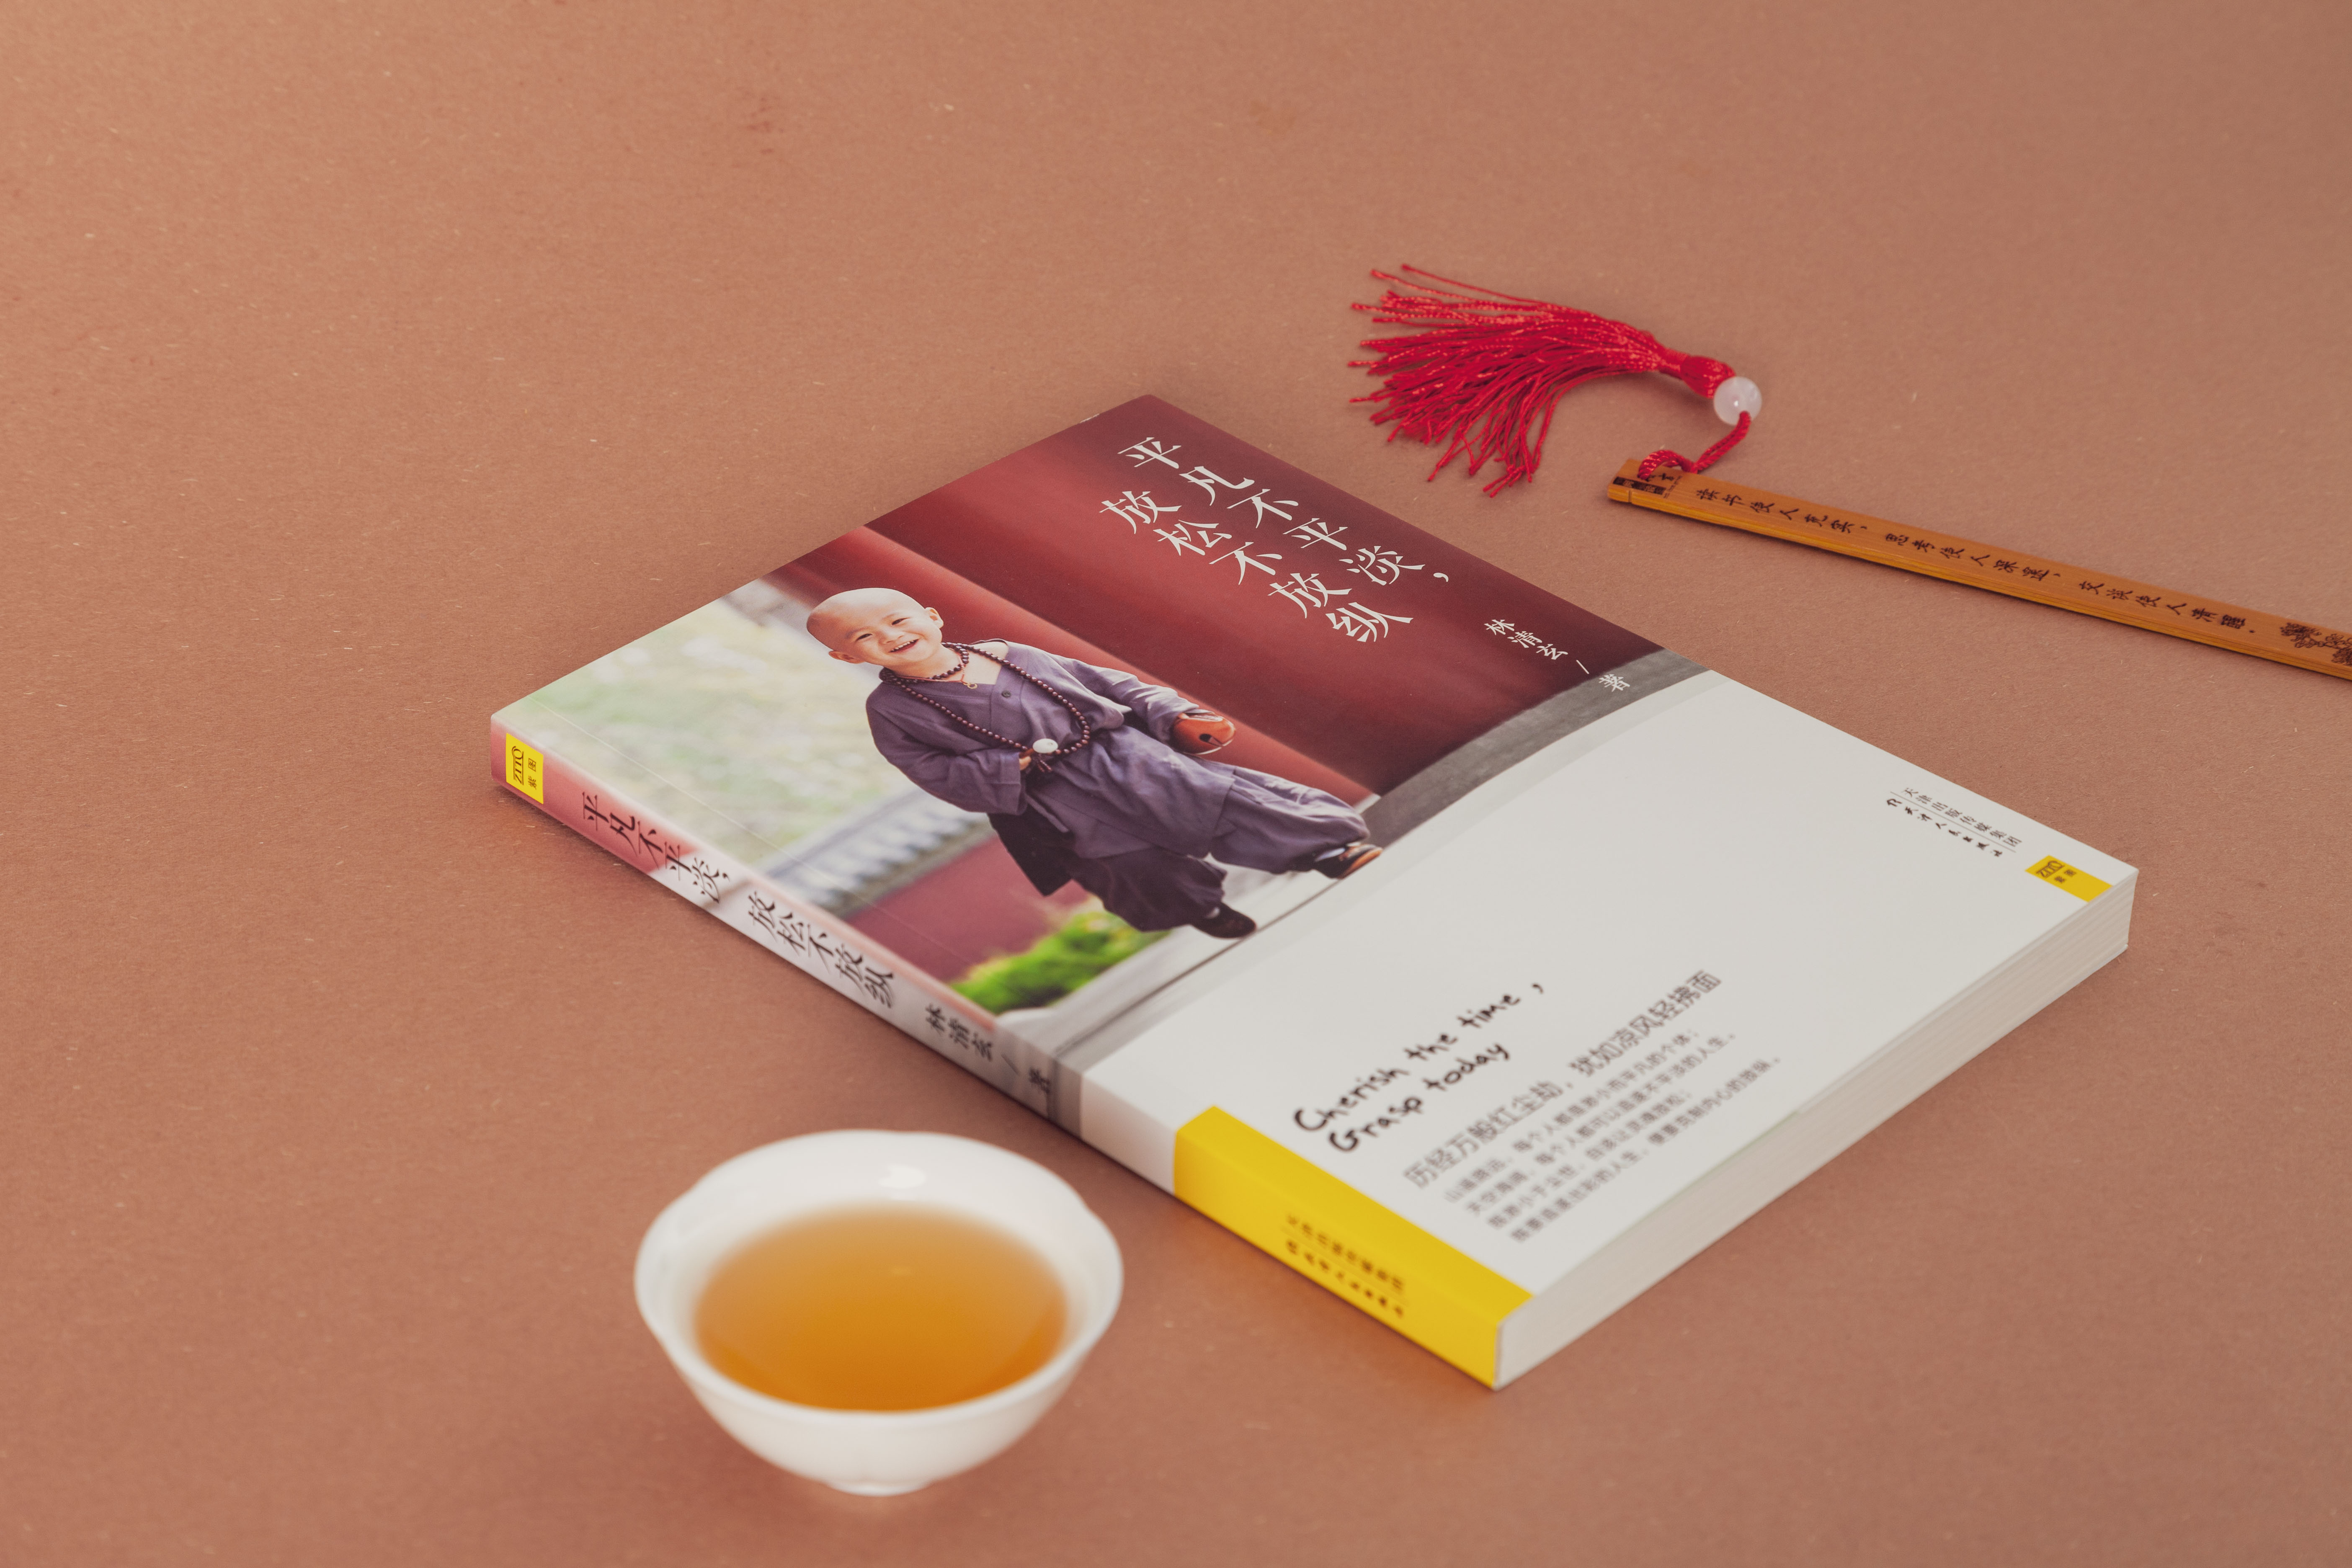 《平凡不平淡,放松不放纵》丨林清玄先生首部以自律为主题的散文集 商品图2